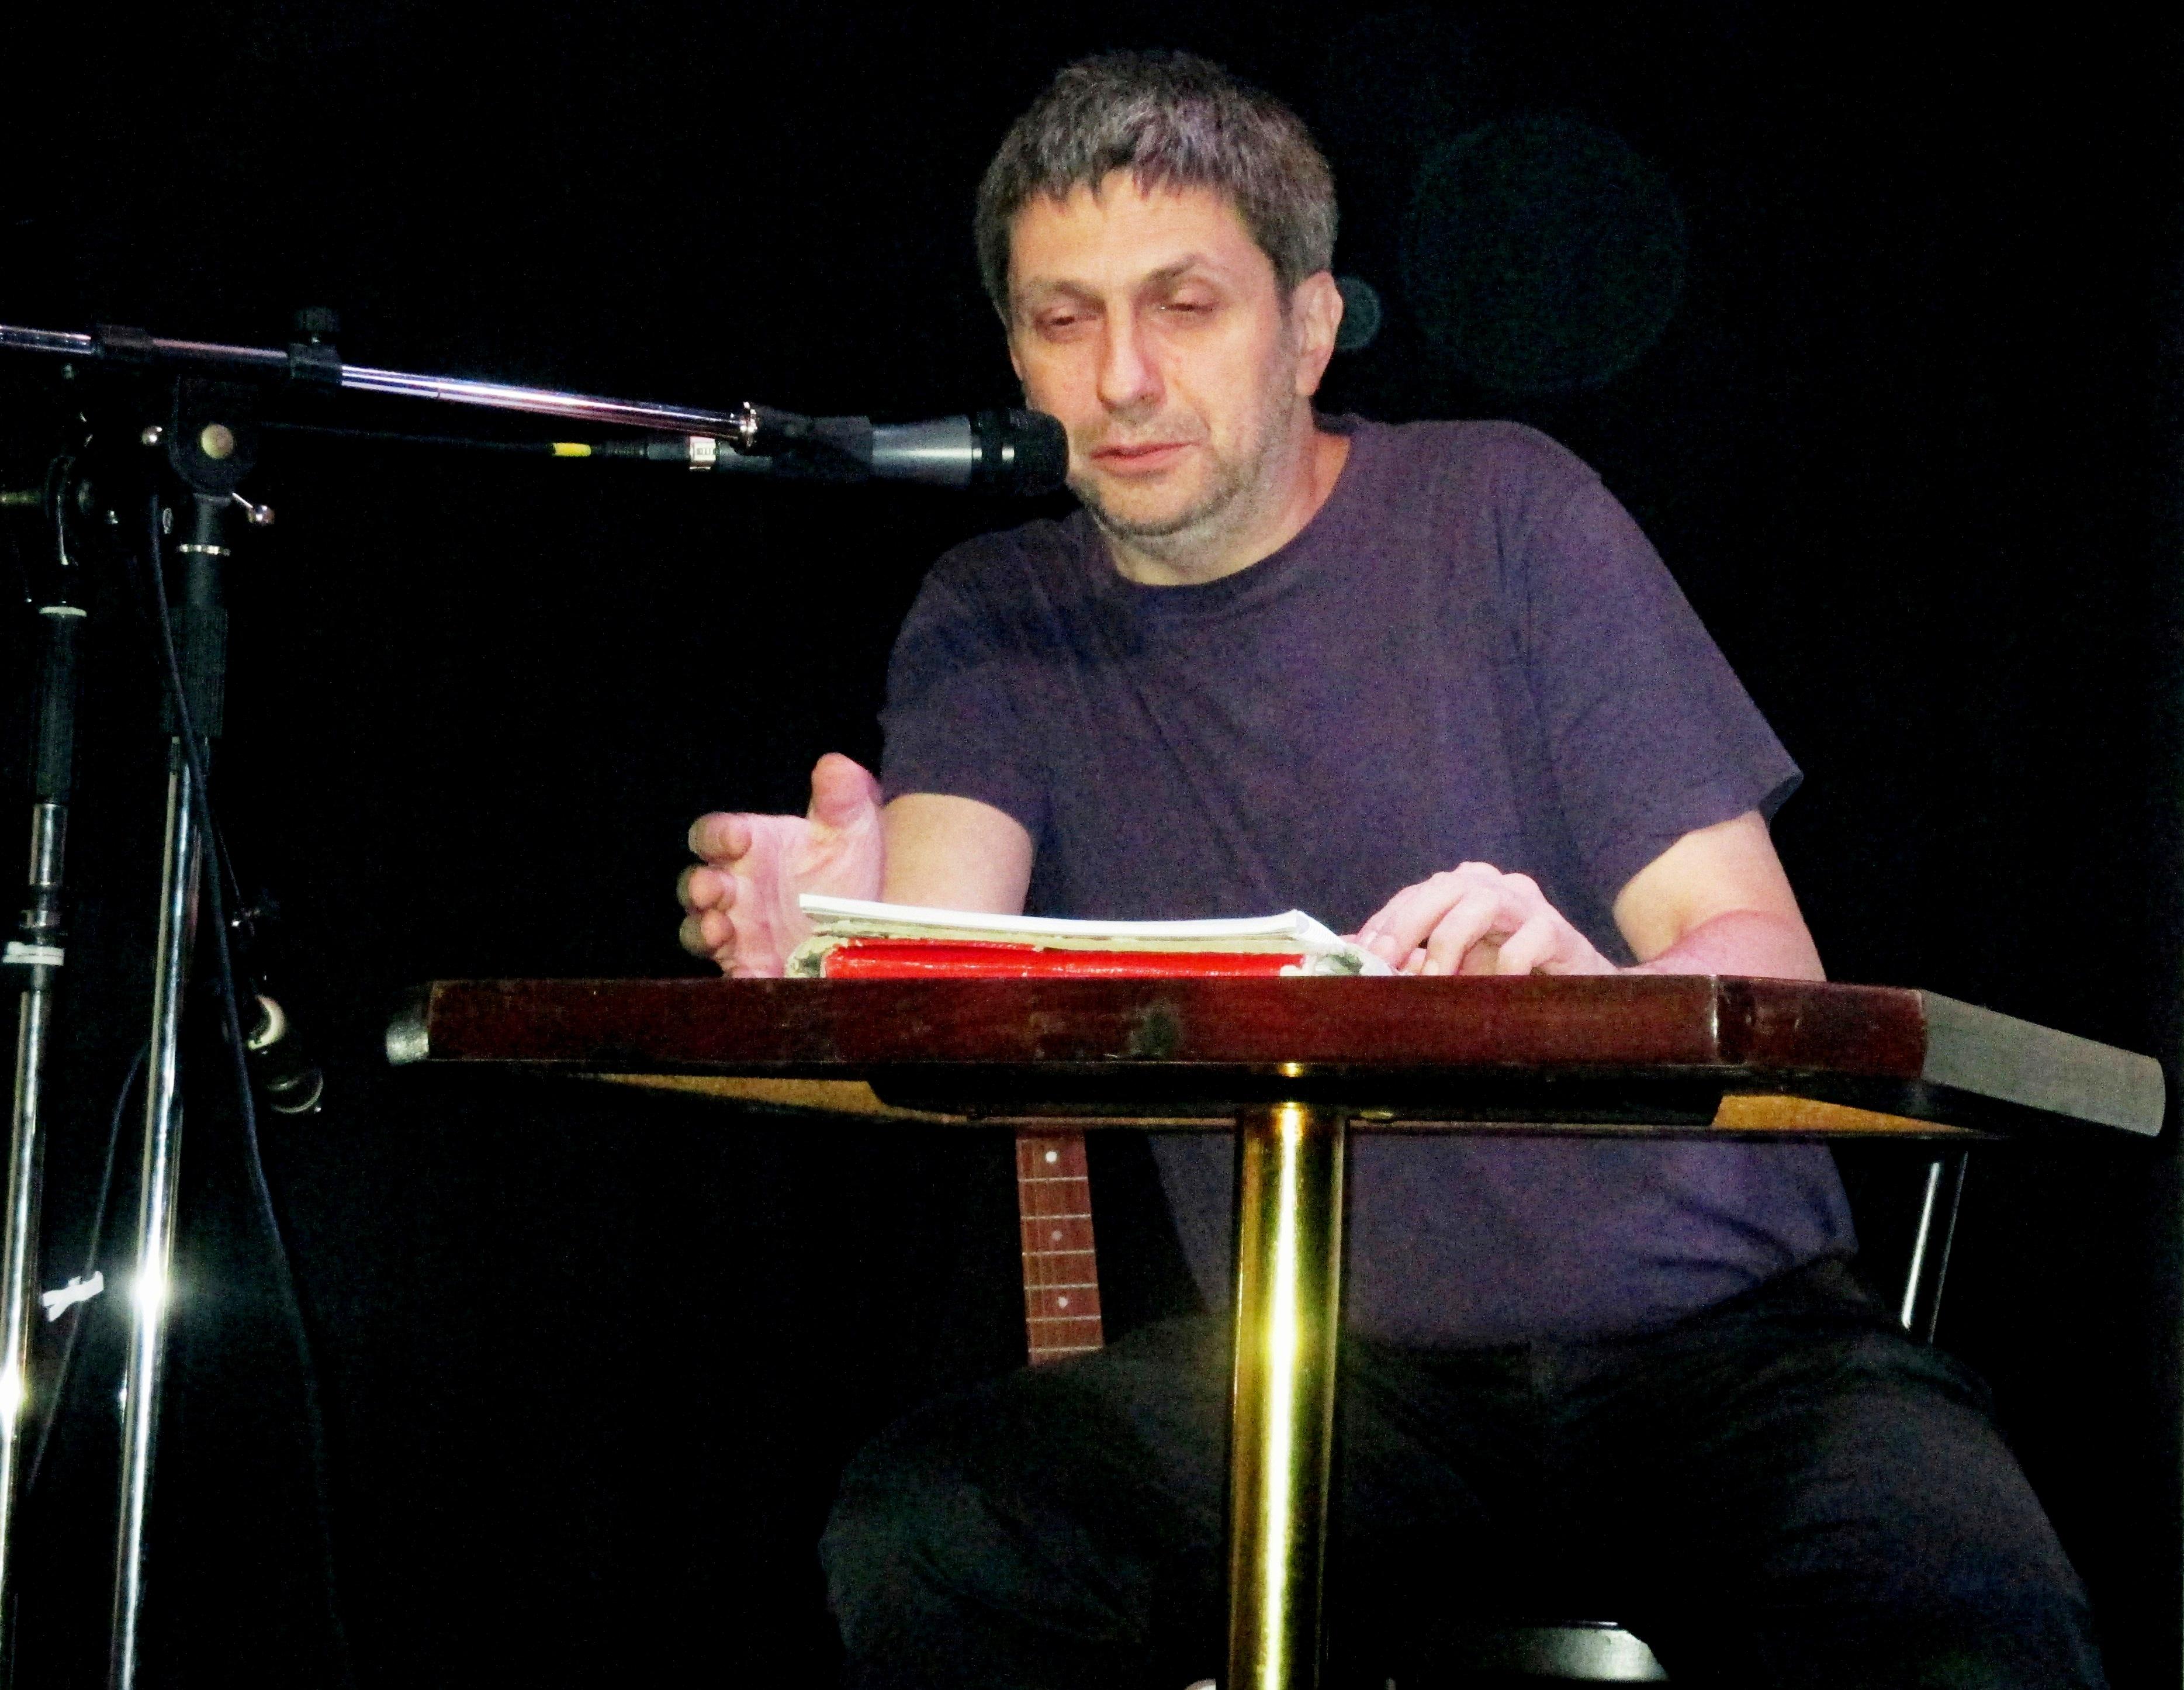 Andreas Plammer